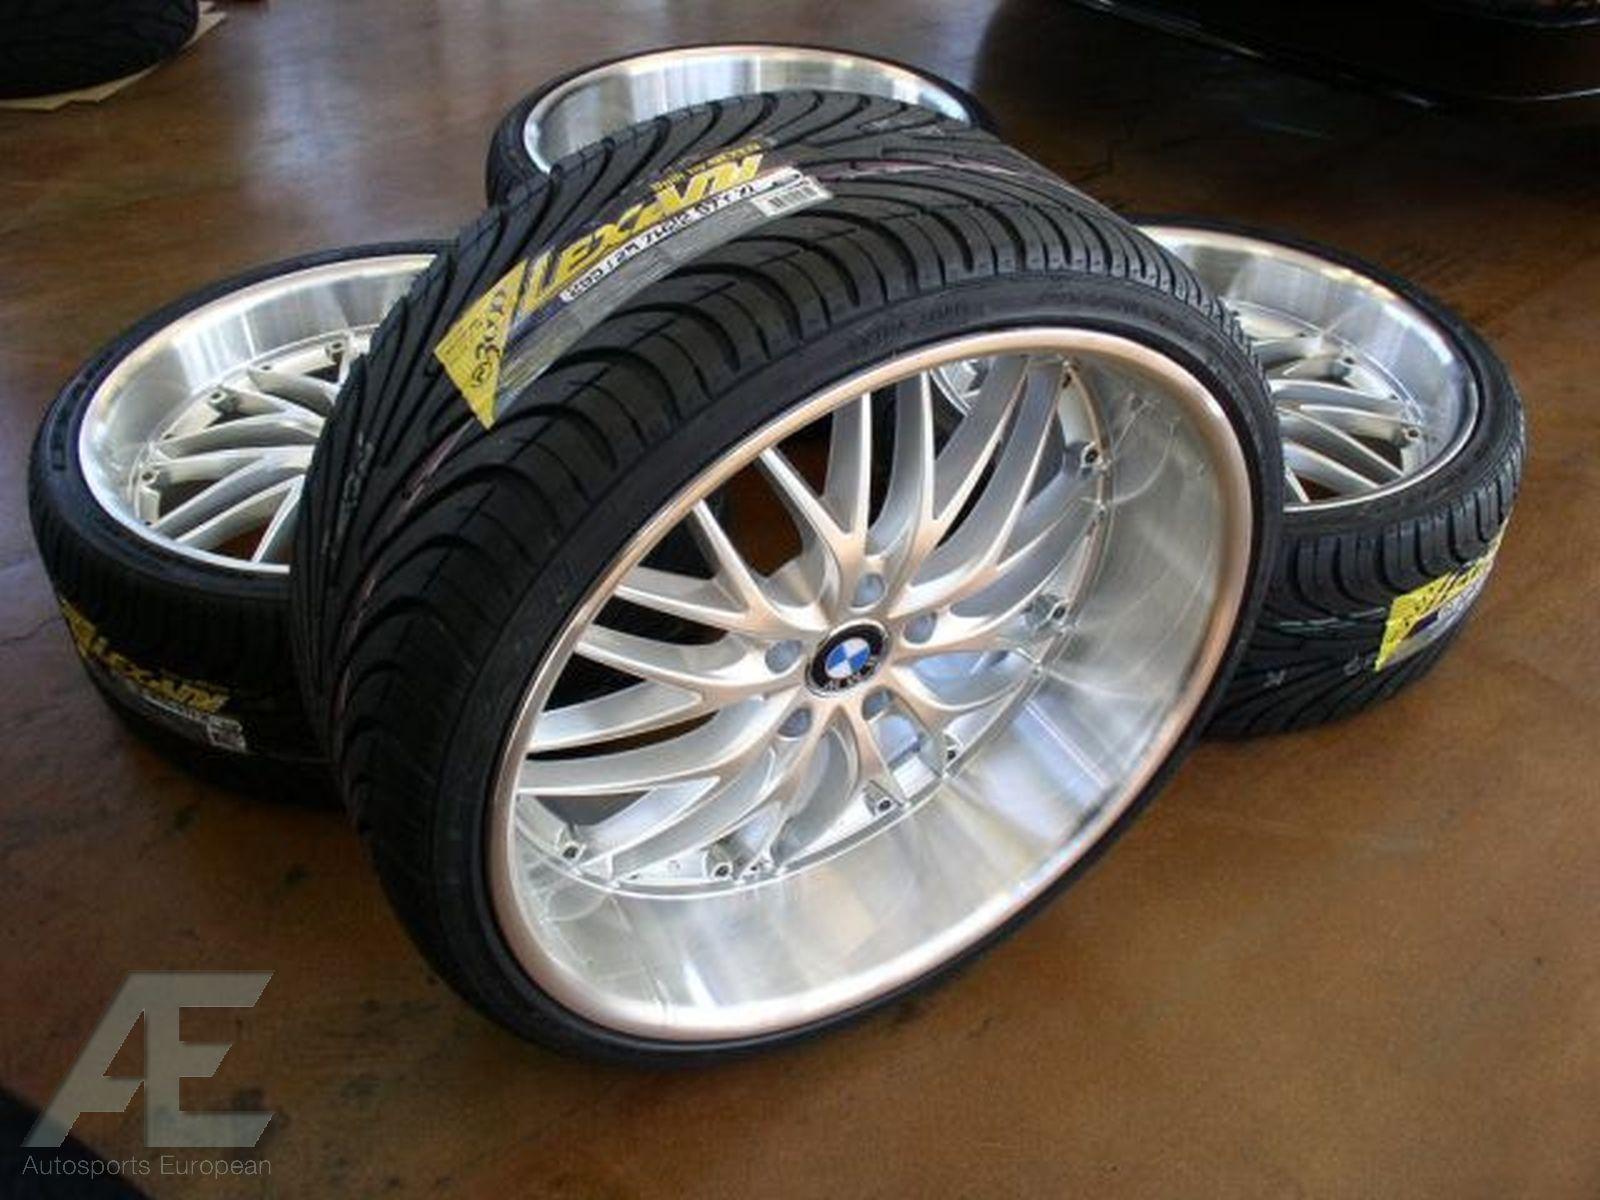 20 BMW Wheels Rim Tires 750i 750LI 760i 760LI x5 x6 M